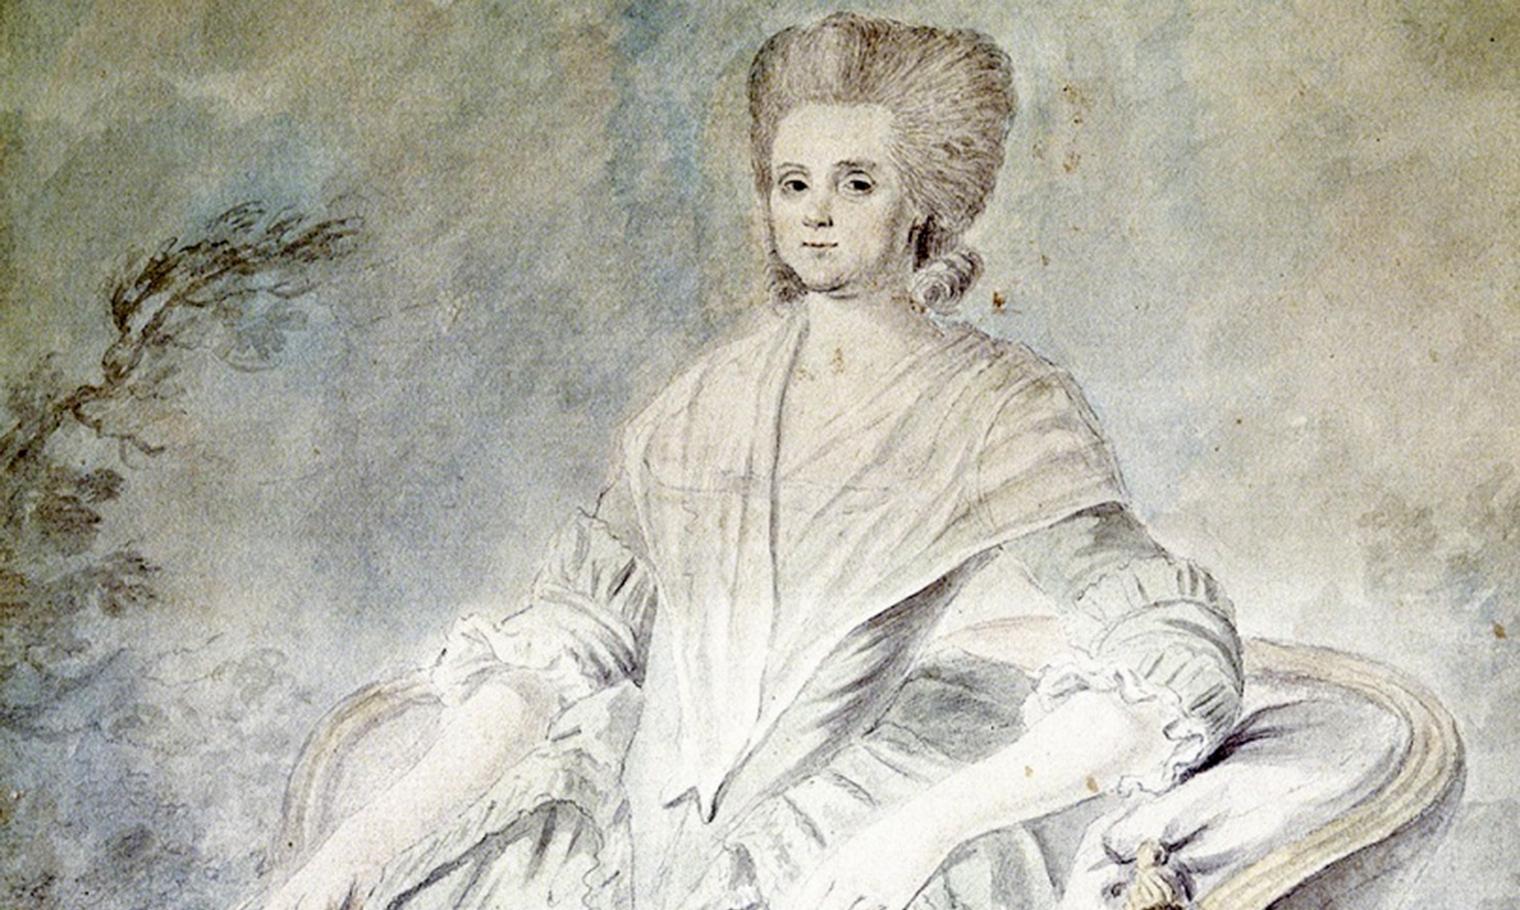 Olympe de Gouges (1748-1793):